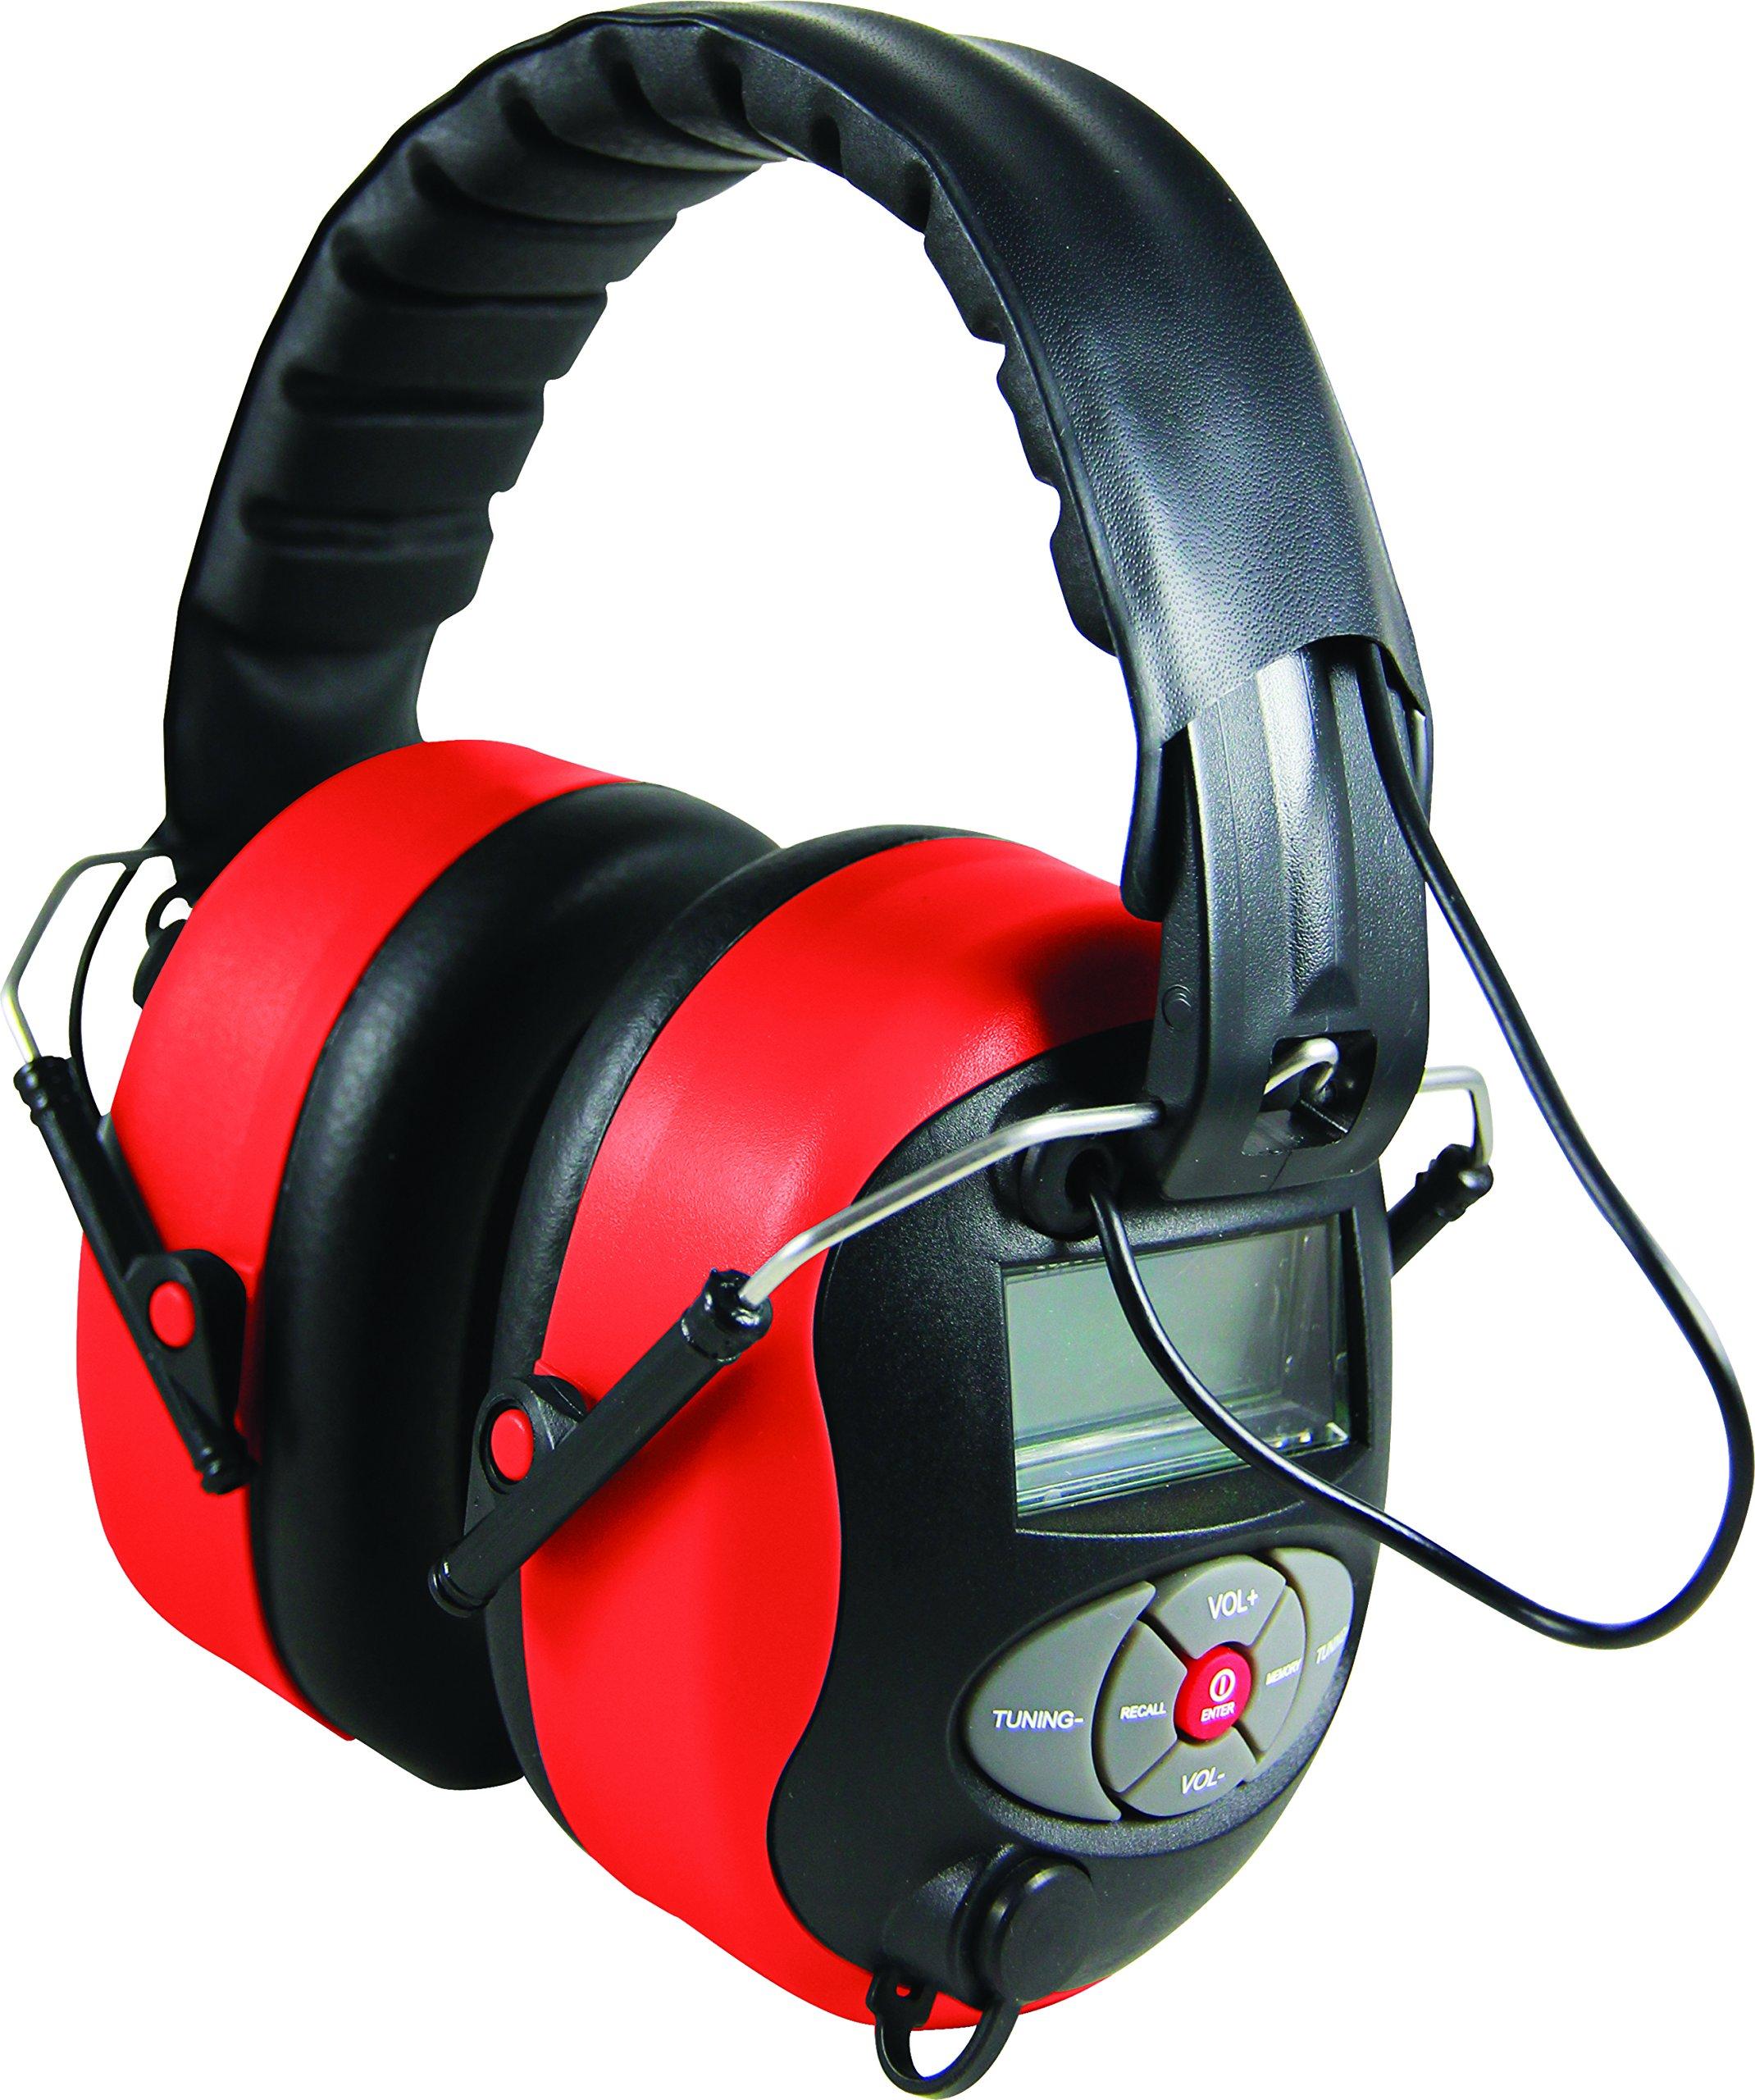 Delta Plus Venitex Pit Radio 2 SNR 28dB Electronic Ear Defenders FM MP3 AUX PPE